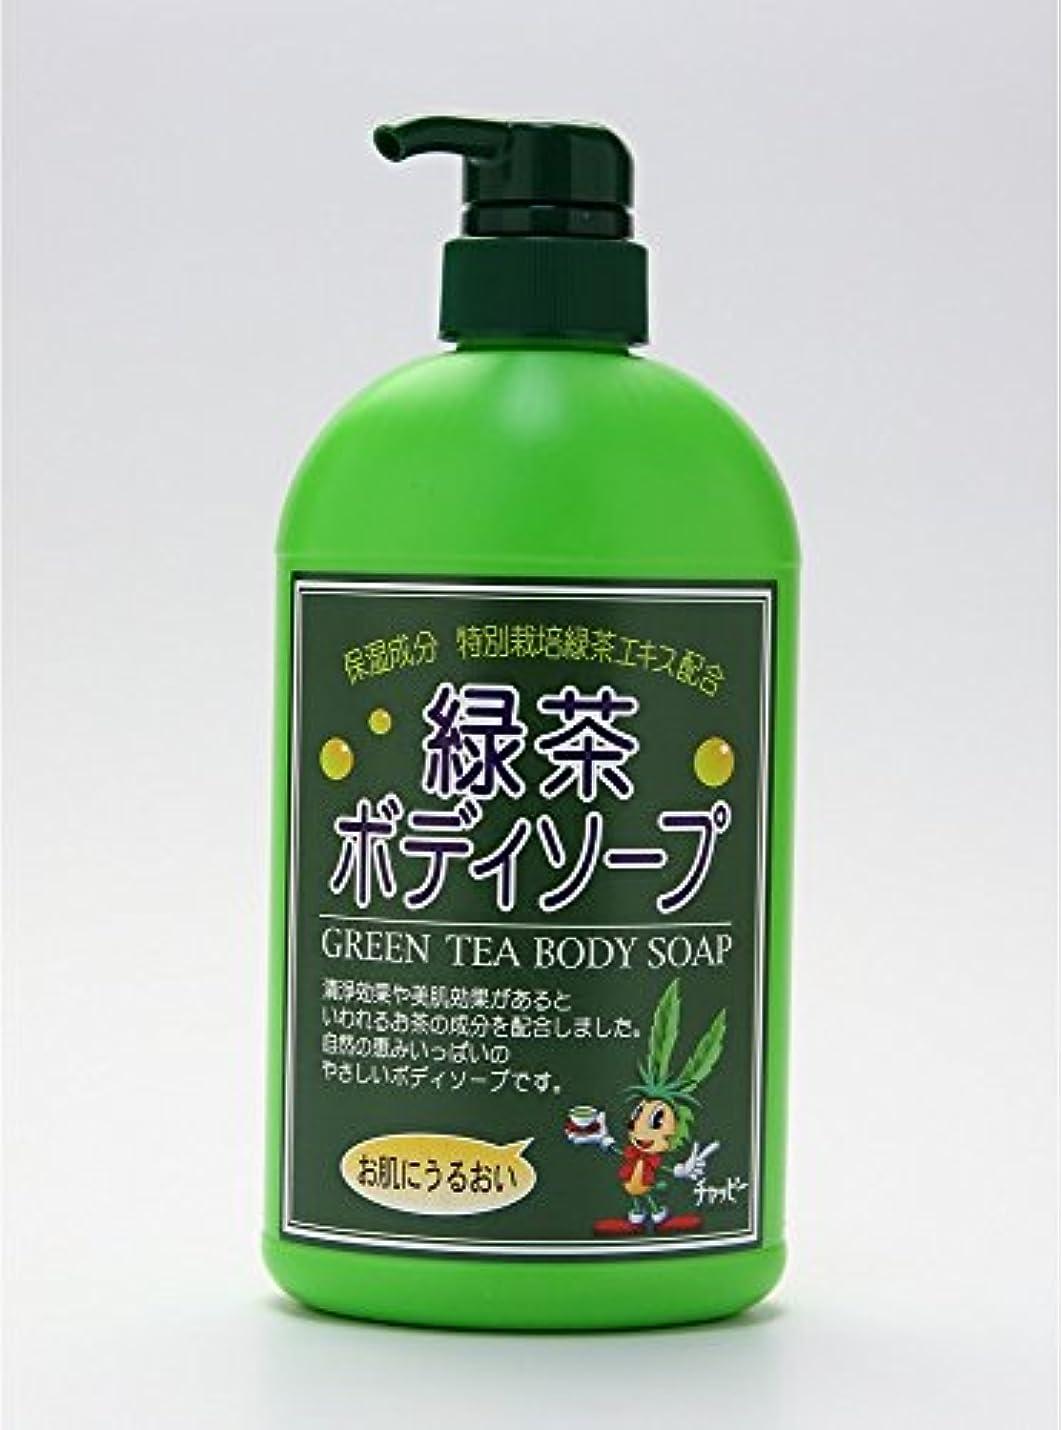 パケット行動羽緑茶ボディーソープ 550ml